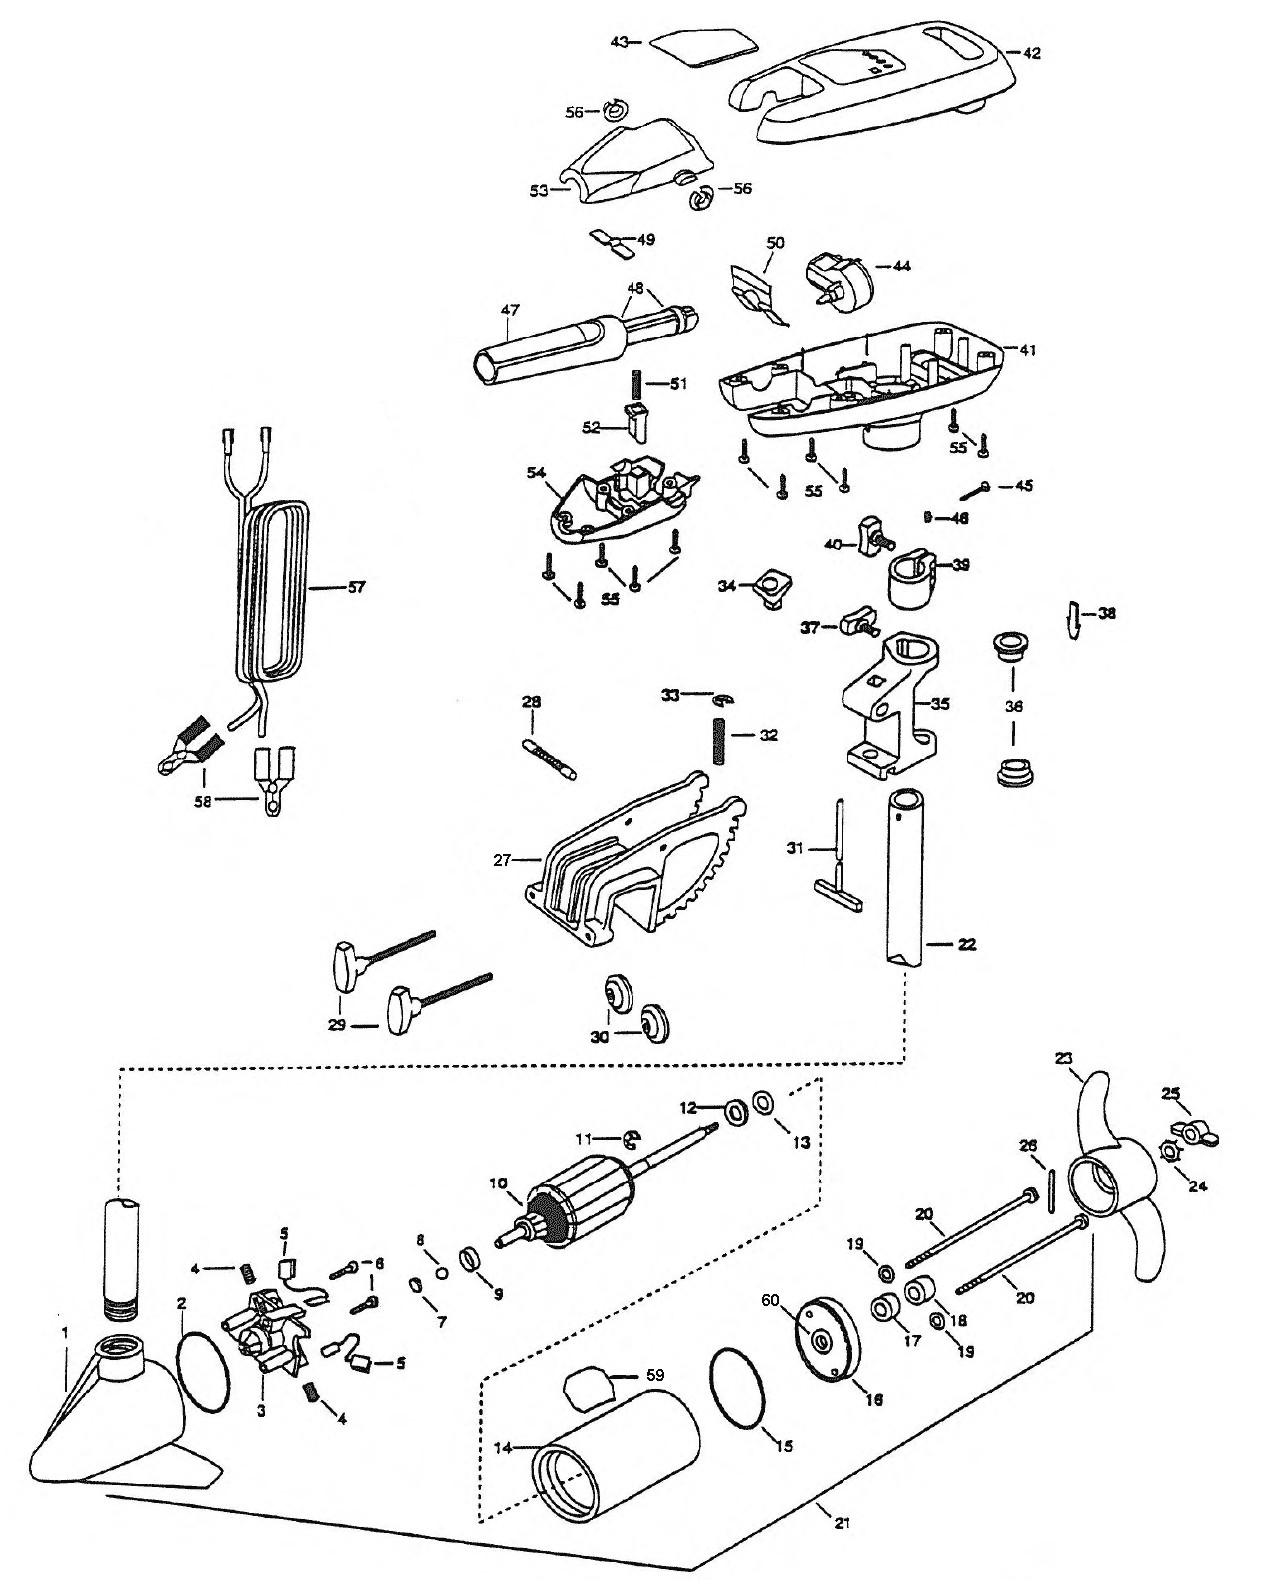 Minn kota wiring diagram manual unique wiring diagram image minn kota wiring diagram manual new minn kota turbo 65 parts 1998 from fish307 of minn kota